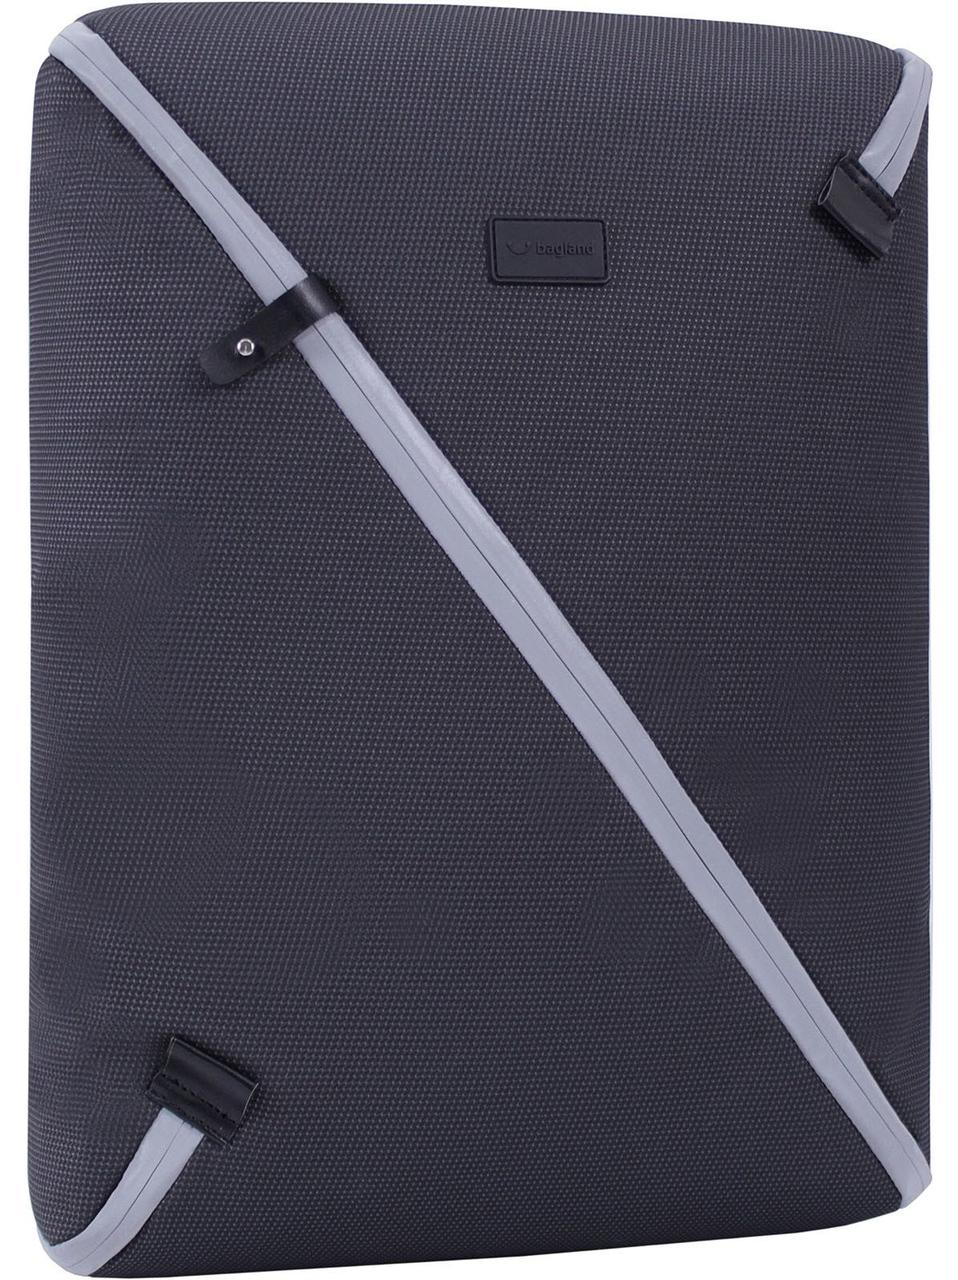 Рюкзак из нейлона для ноутбука Bagland Litter черный 00595169 до 16 д-в